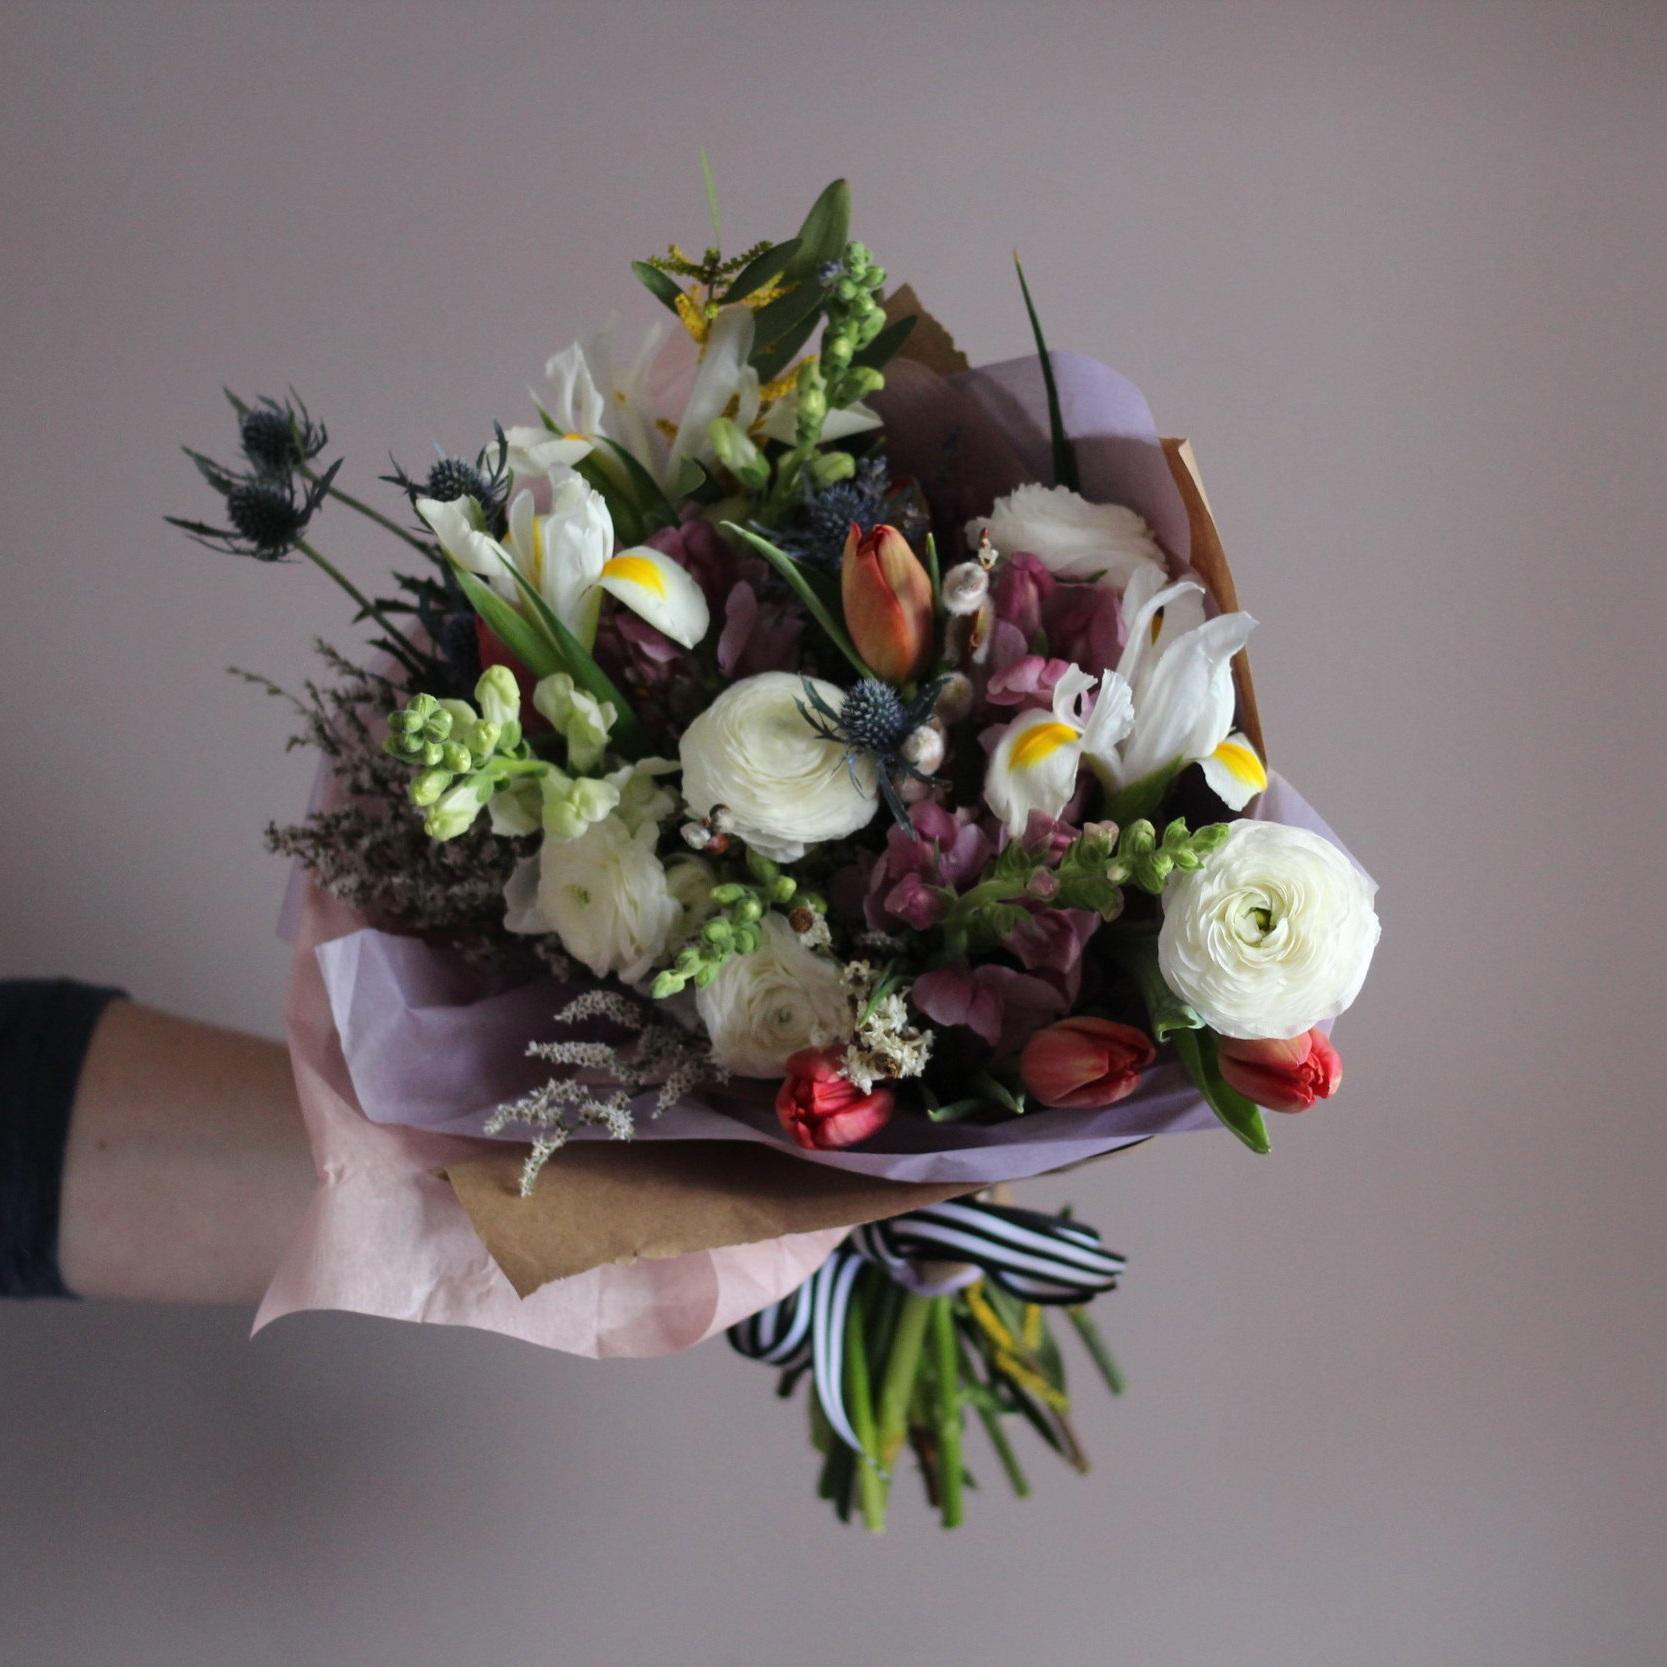 Medium Bouquet $40 -